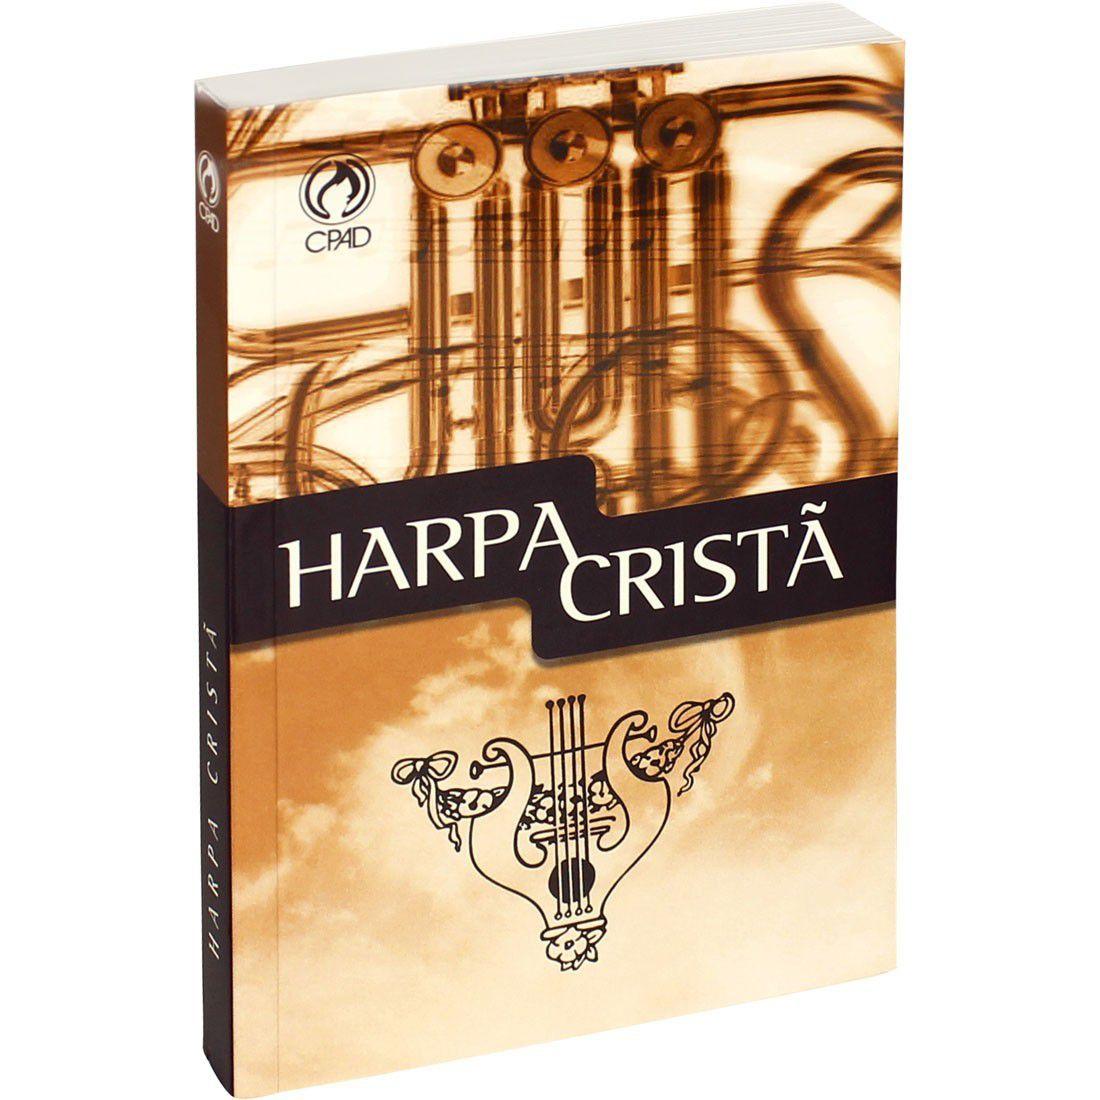 Harpa Cristã Popular - Marrom